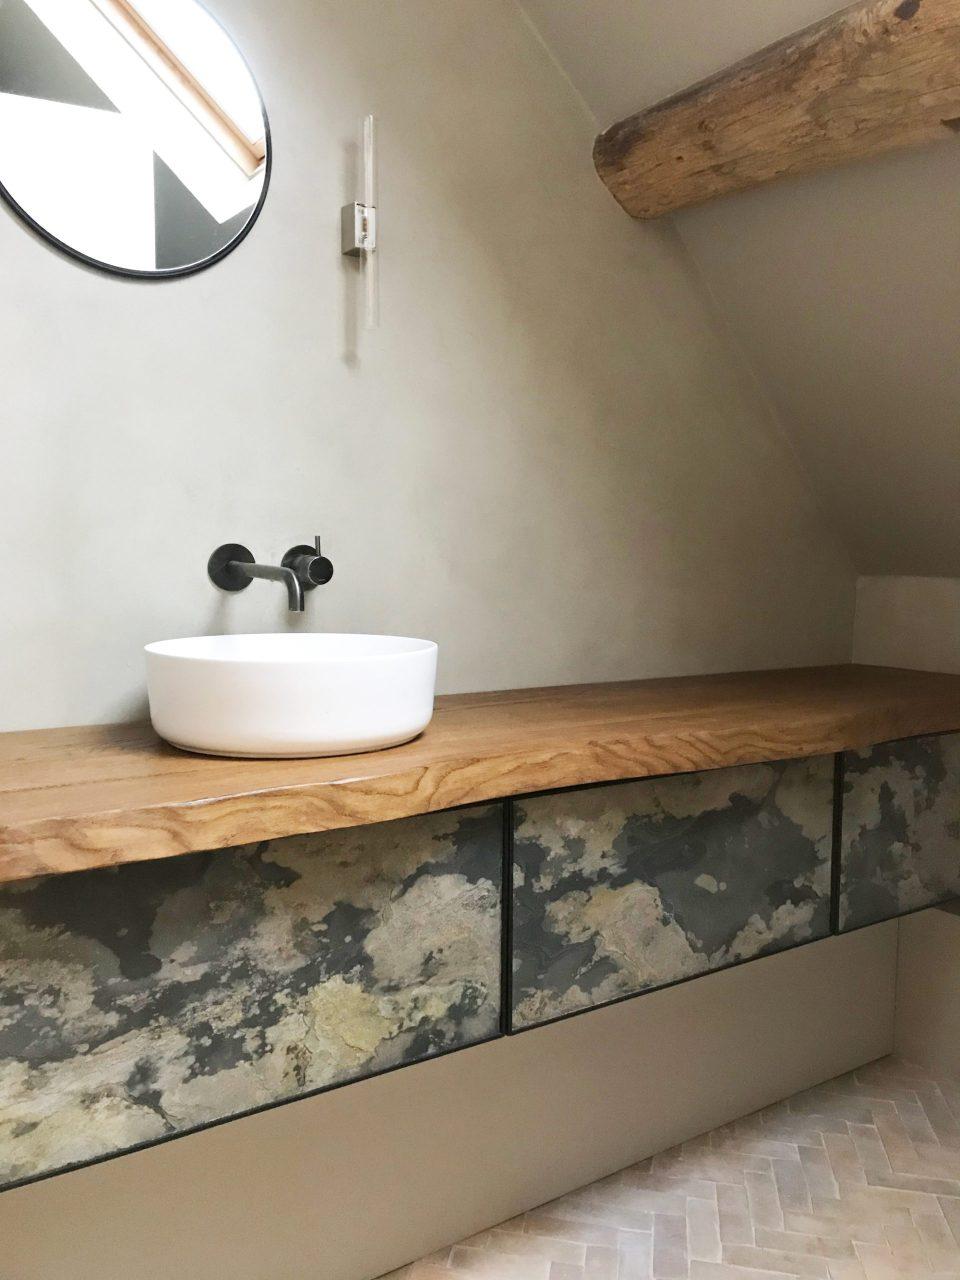 Feuille de pierre 100% naturelle StoneLeaf modèle Moscou sur meuble de salle de bain